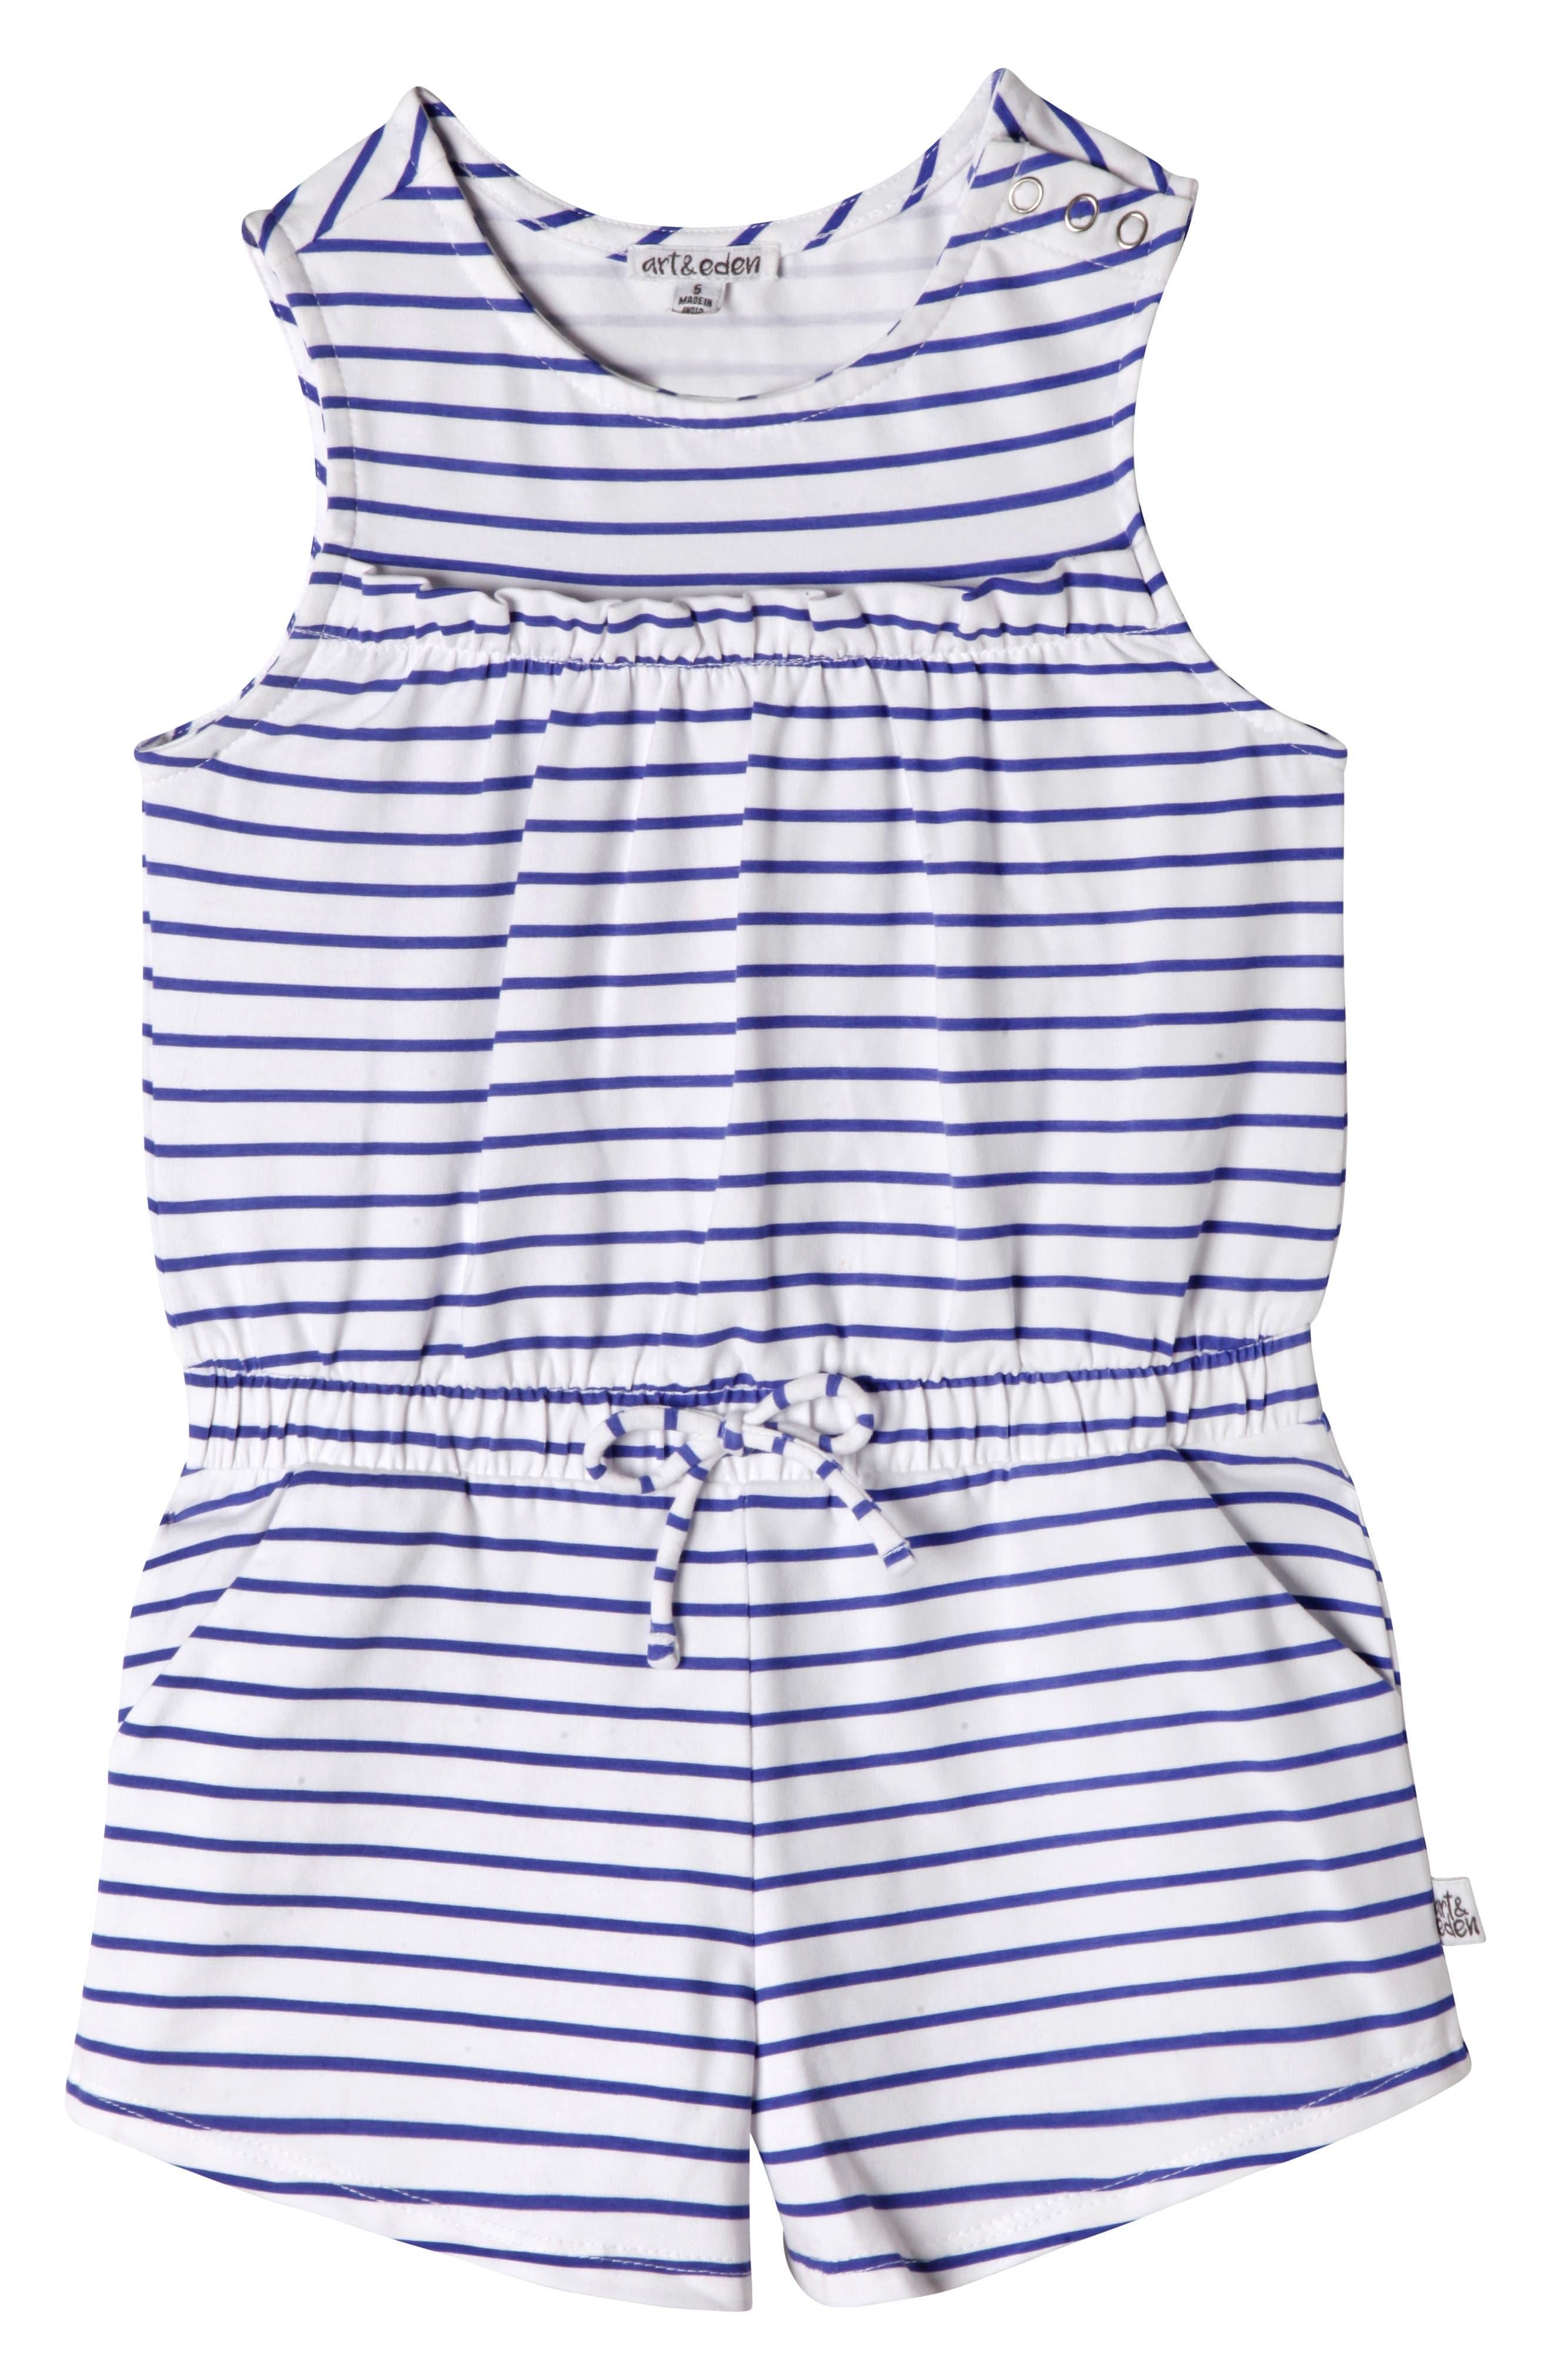 Toddler Girls Art  Eden Nelli Romper Size 2T  Blue